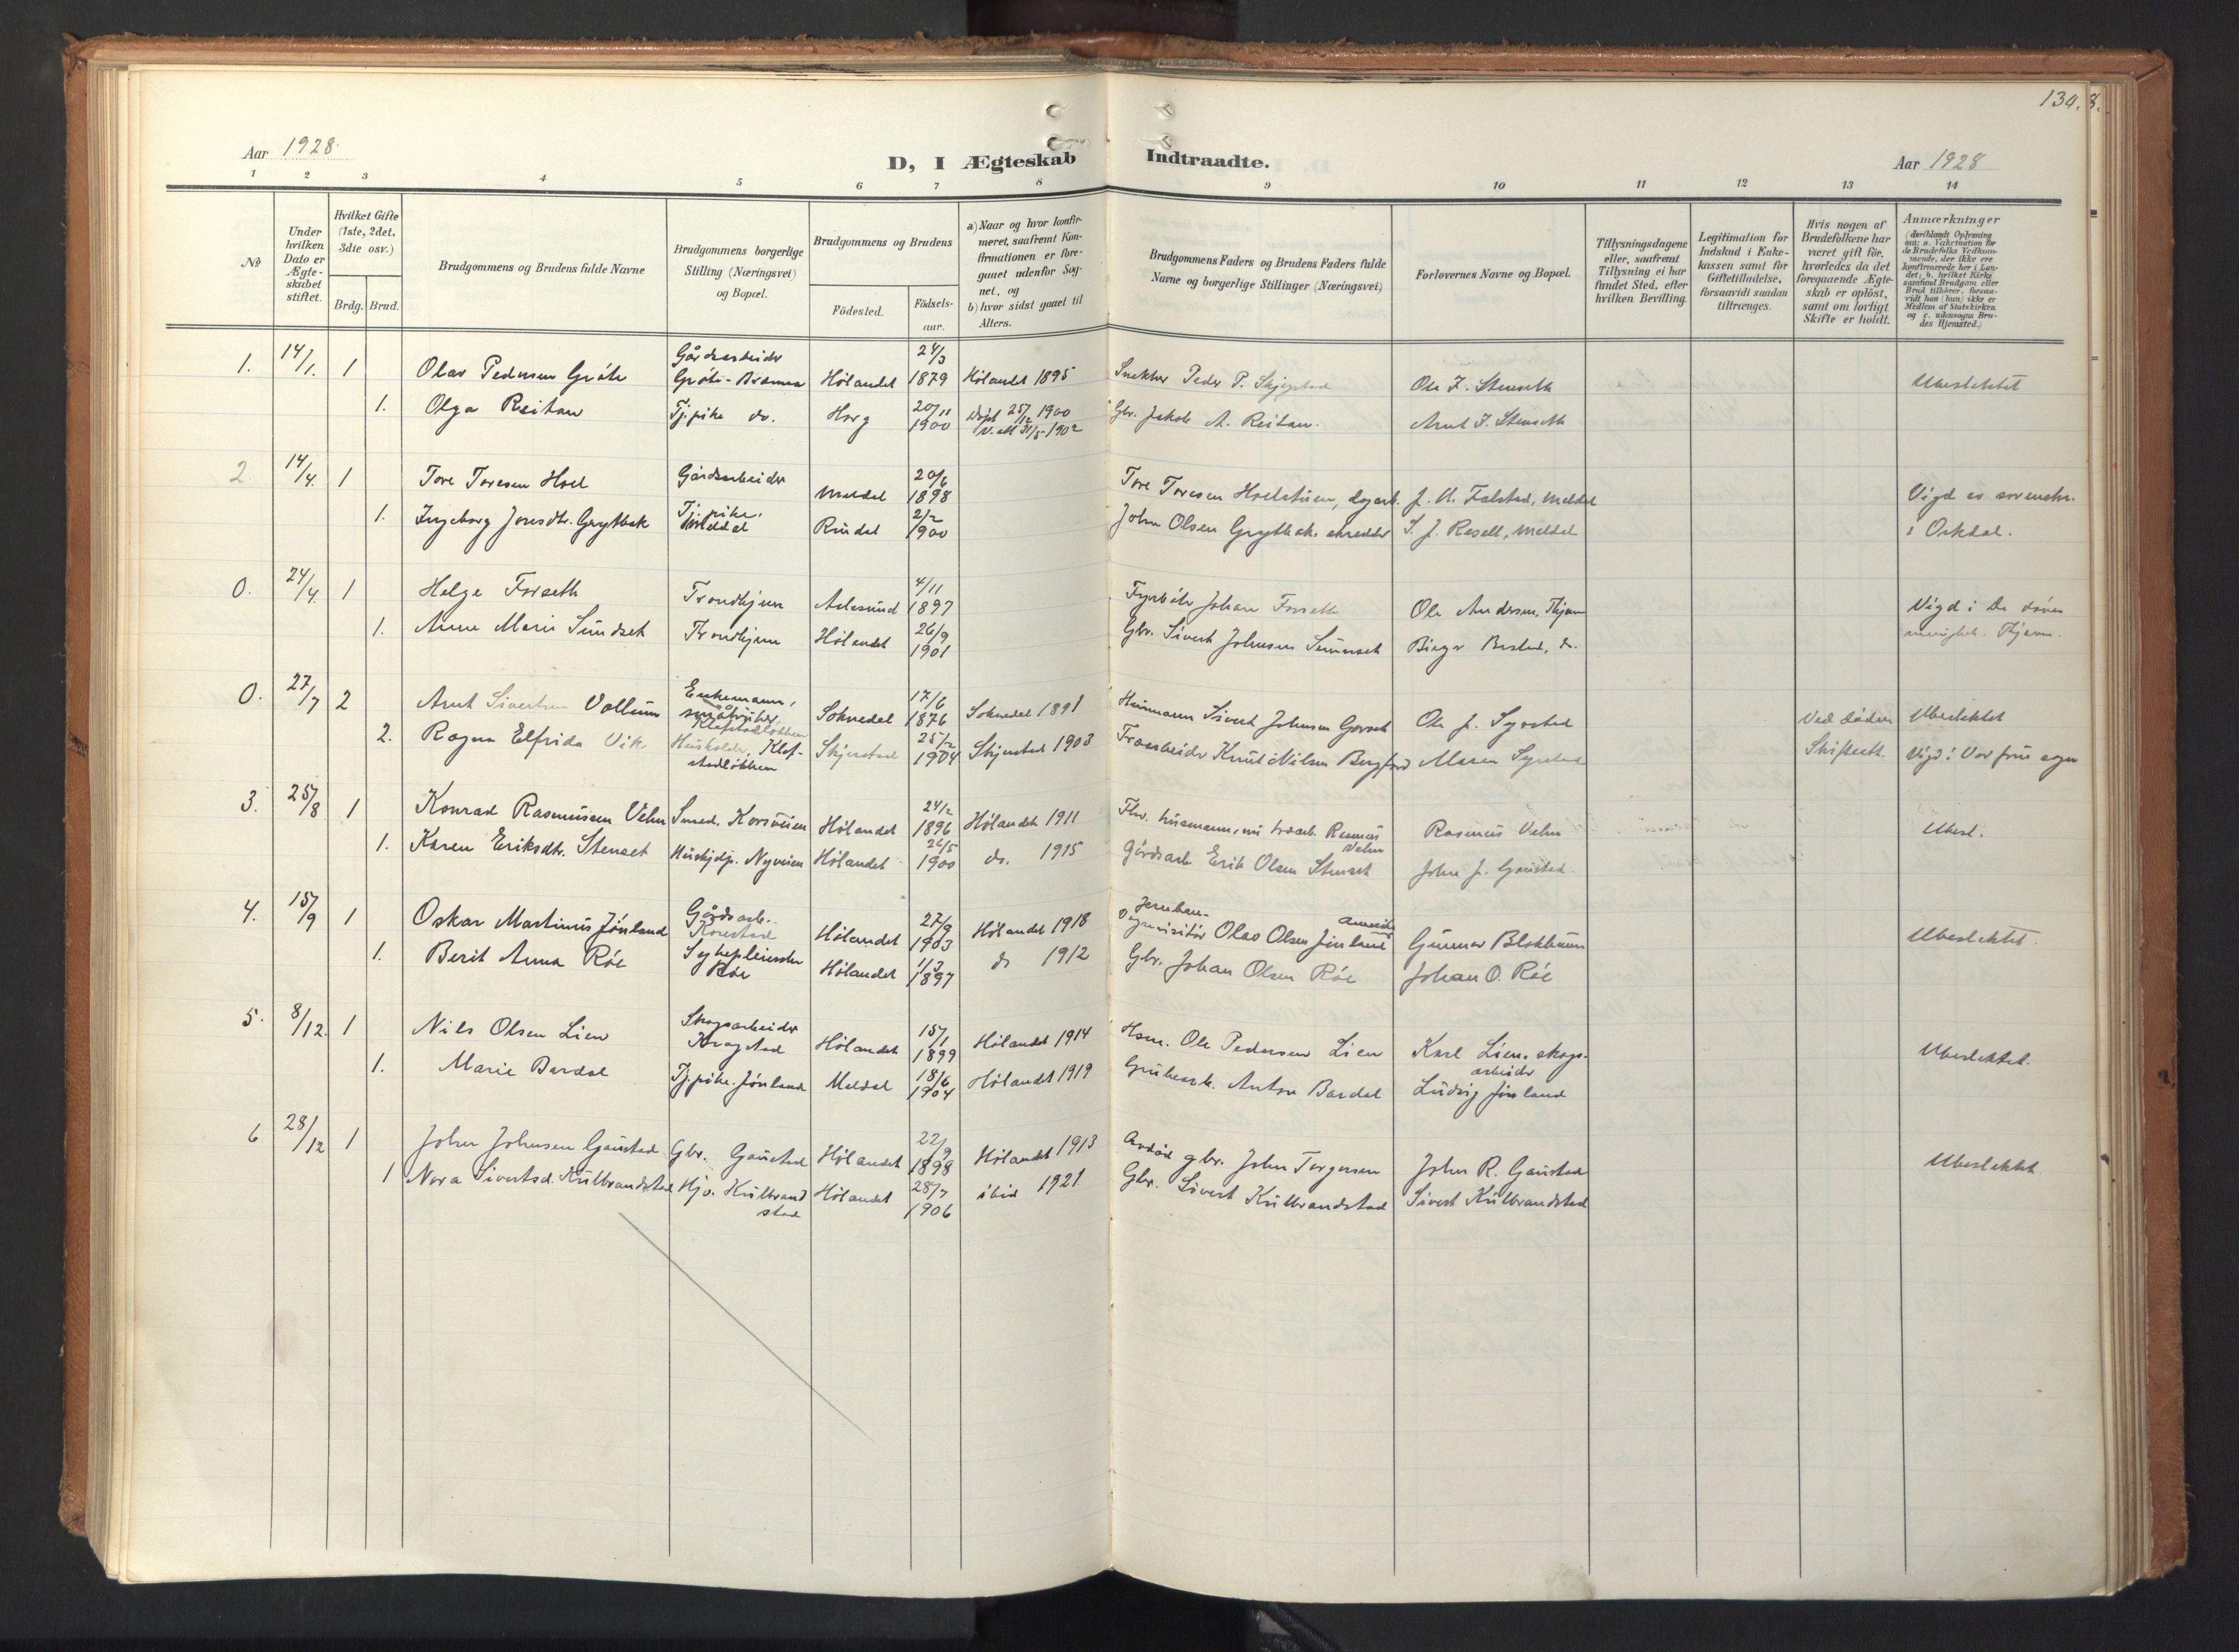 SAT, Ministerialprotokoller, klokkerbøker og fødselsregistre - Sør-Trøndelag, 694/L1128: Ministerialbok nr. 694A02, 1906-1931, s. 130